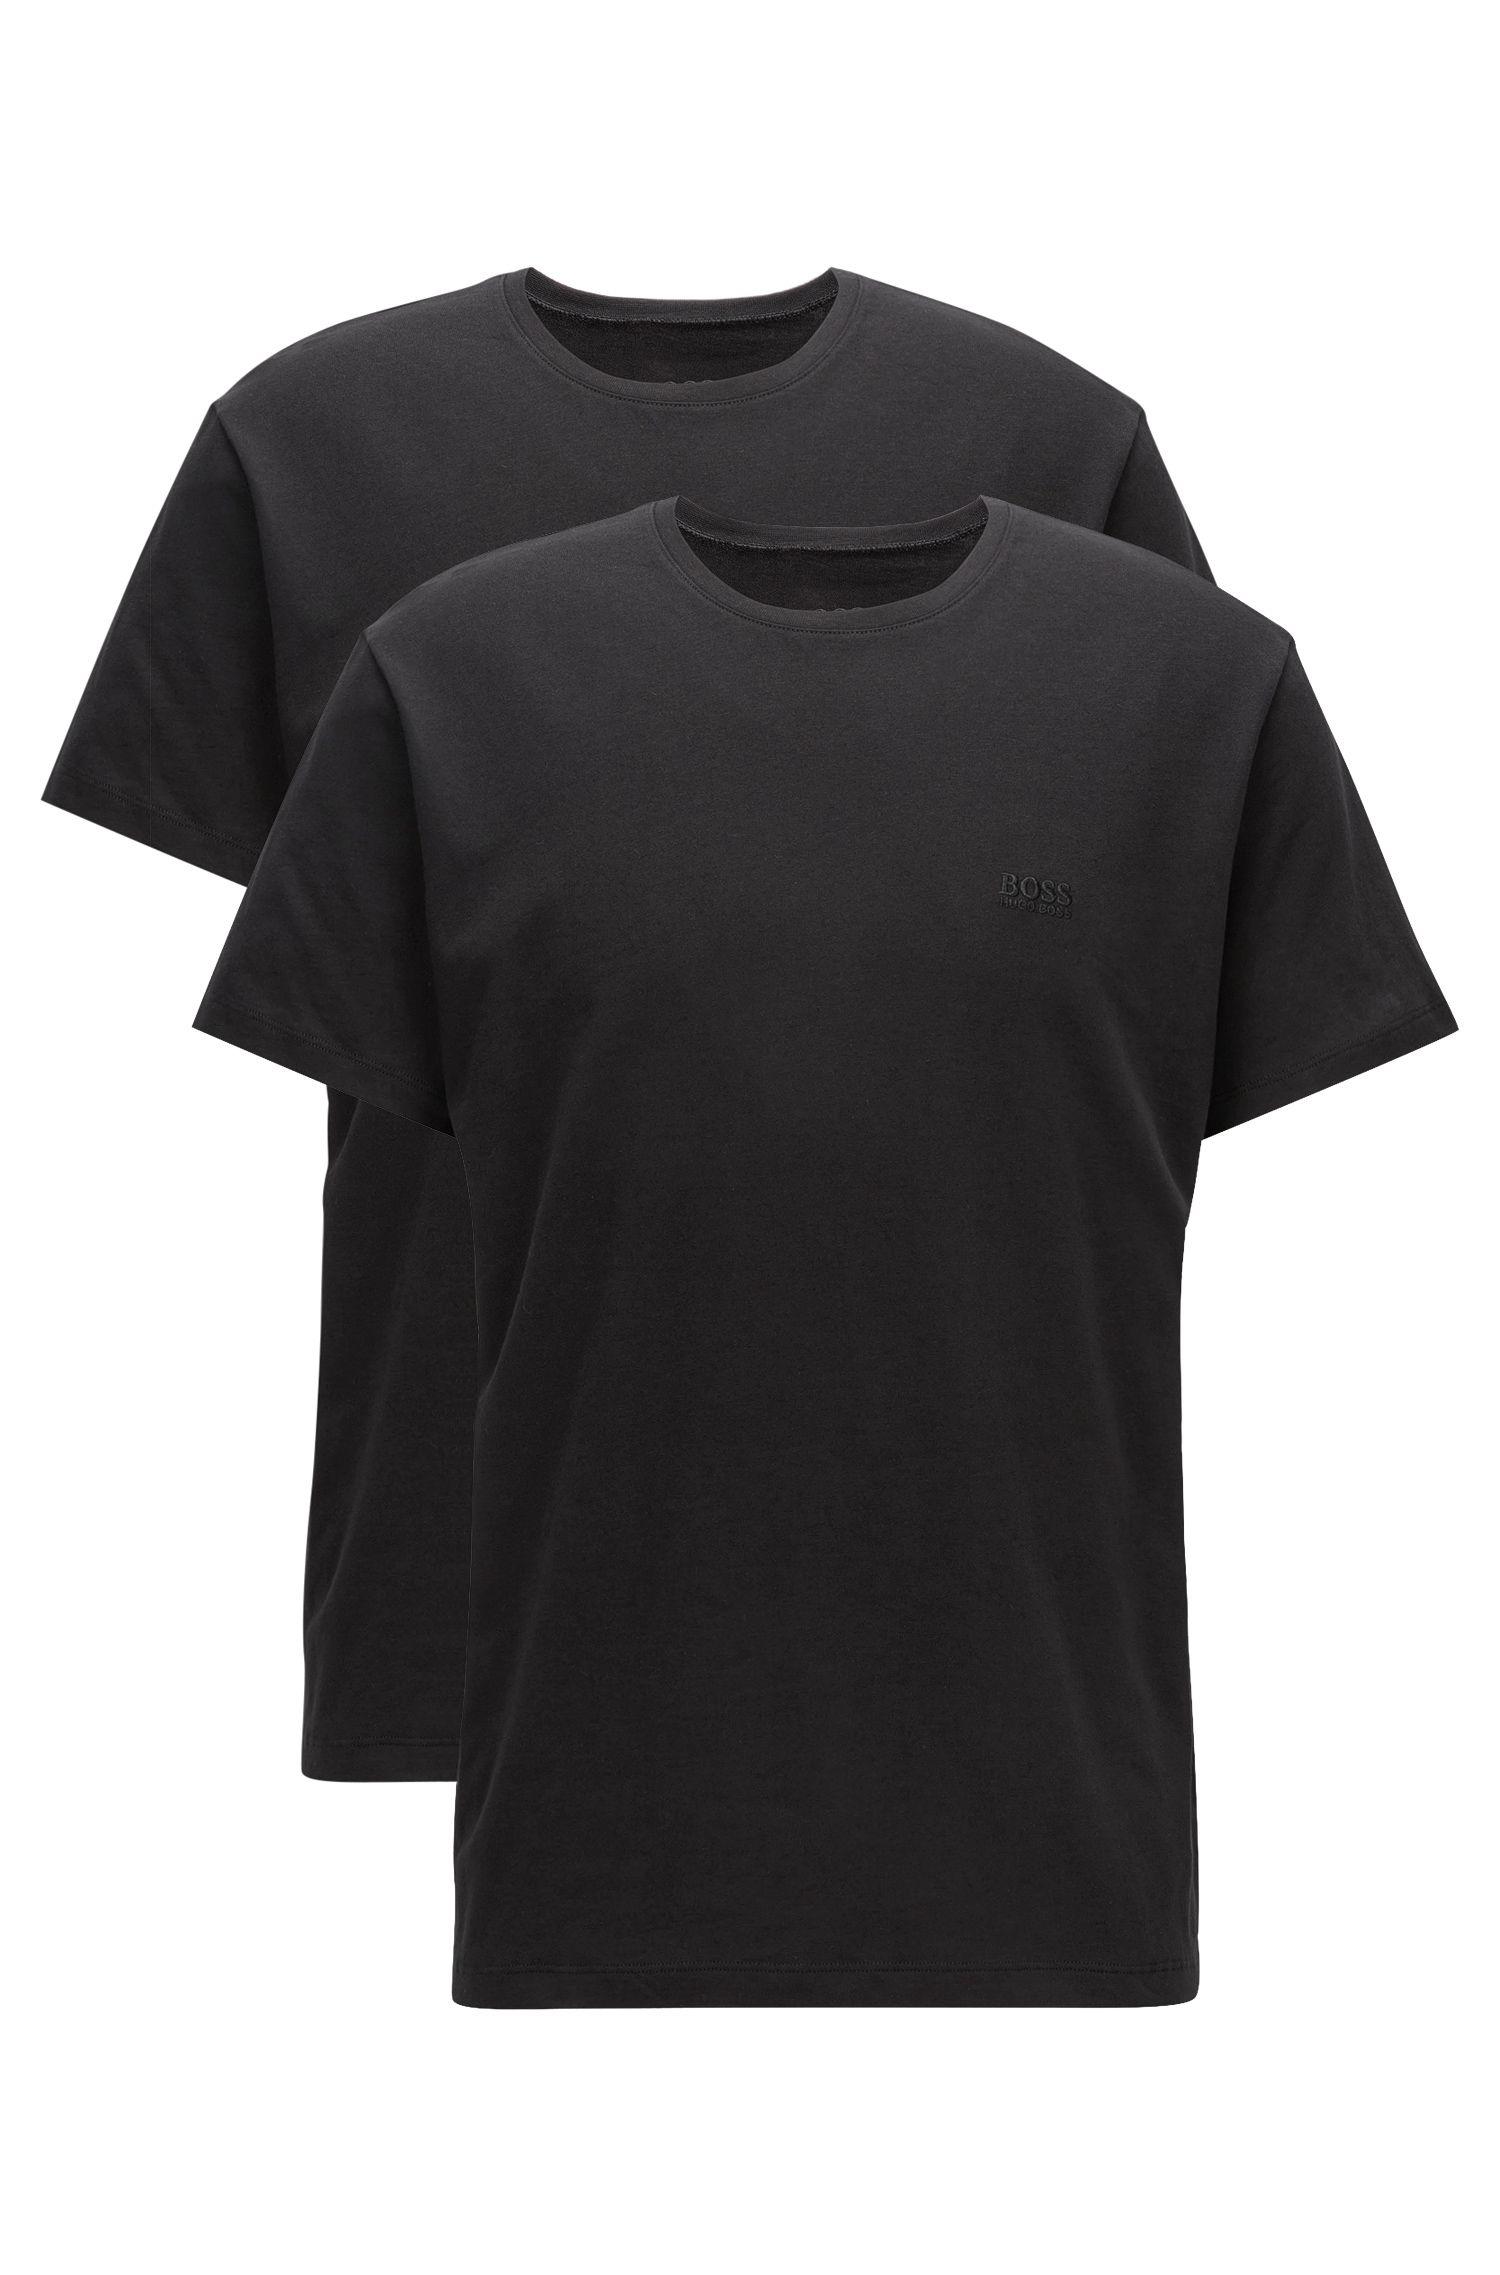 T-shirt relaxed fit in cotone a girocollo in confezione doppia